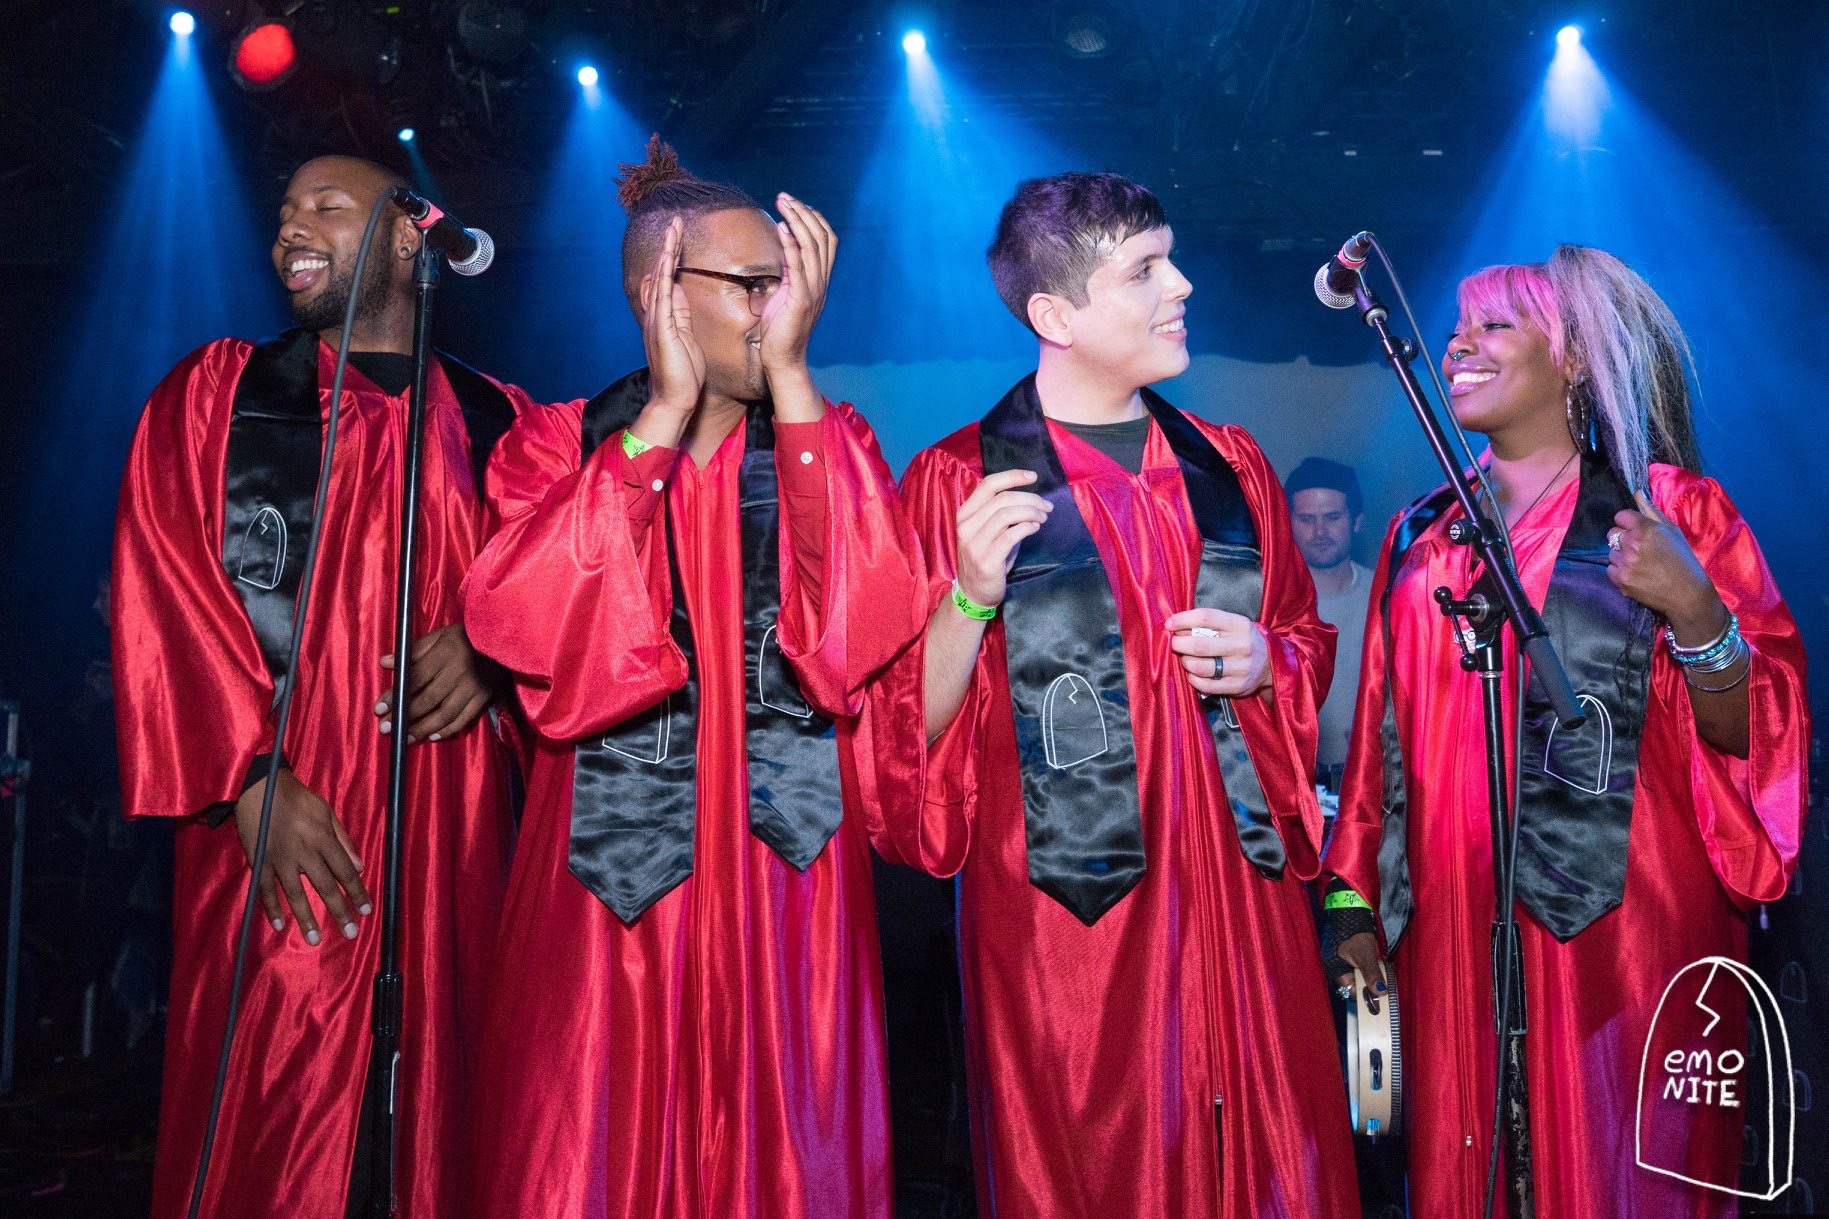 RAISE EmoNite - metallic red robes